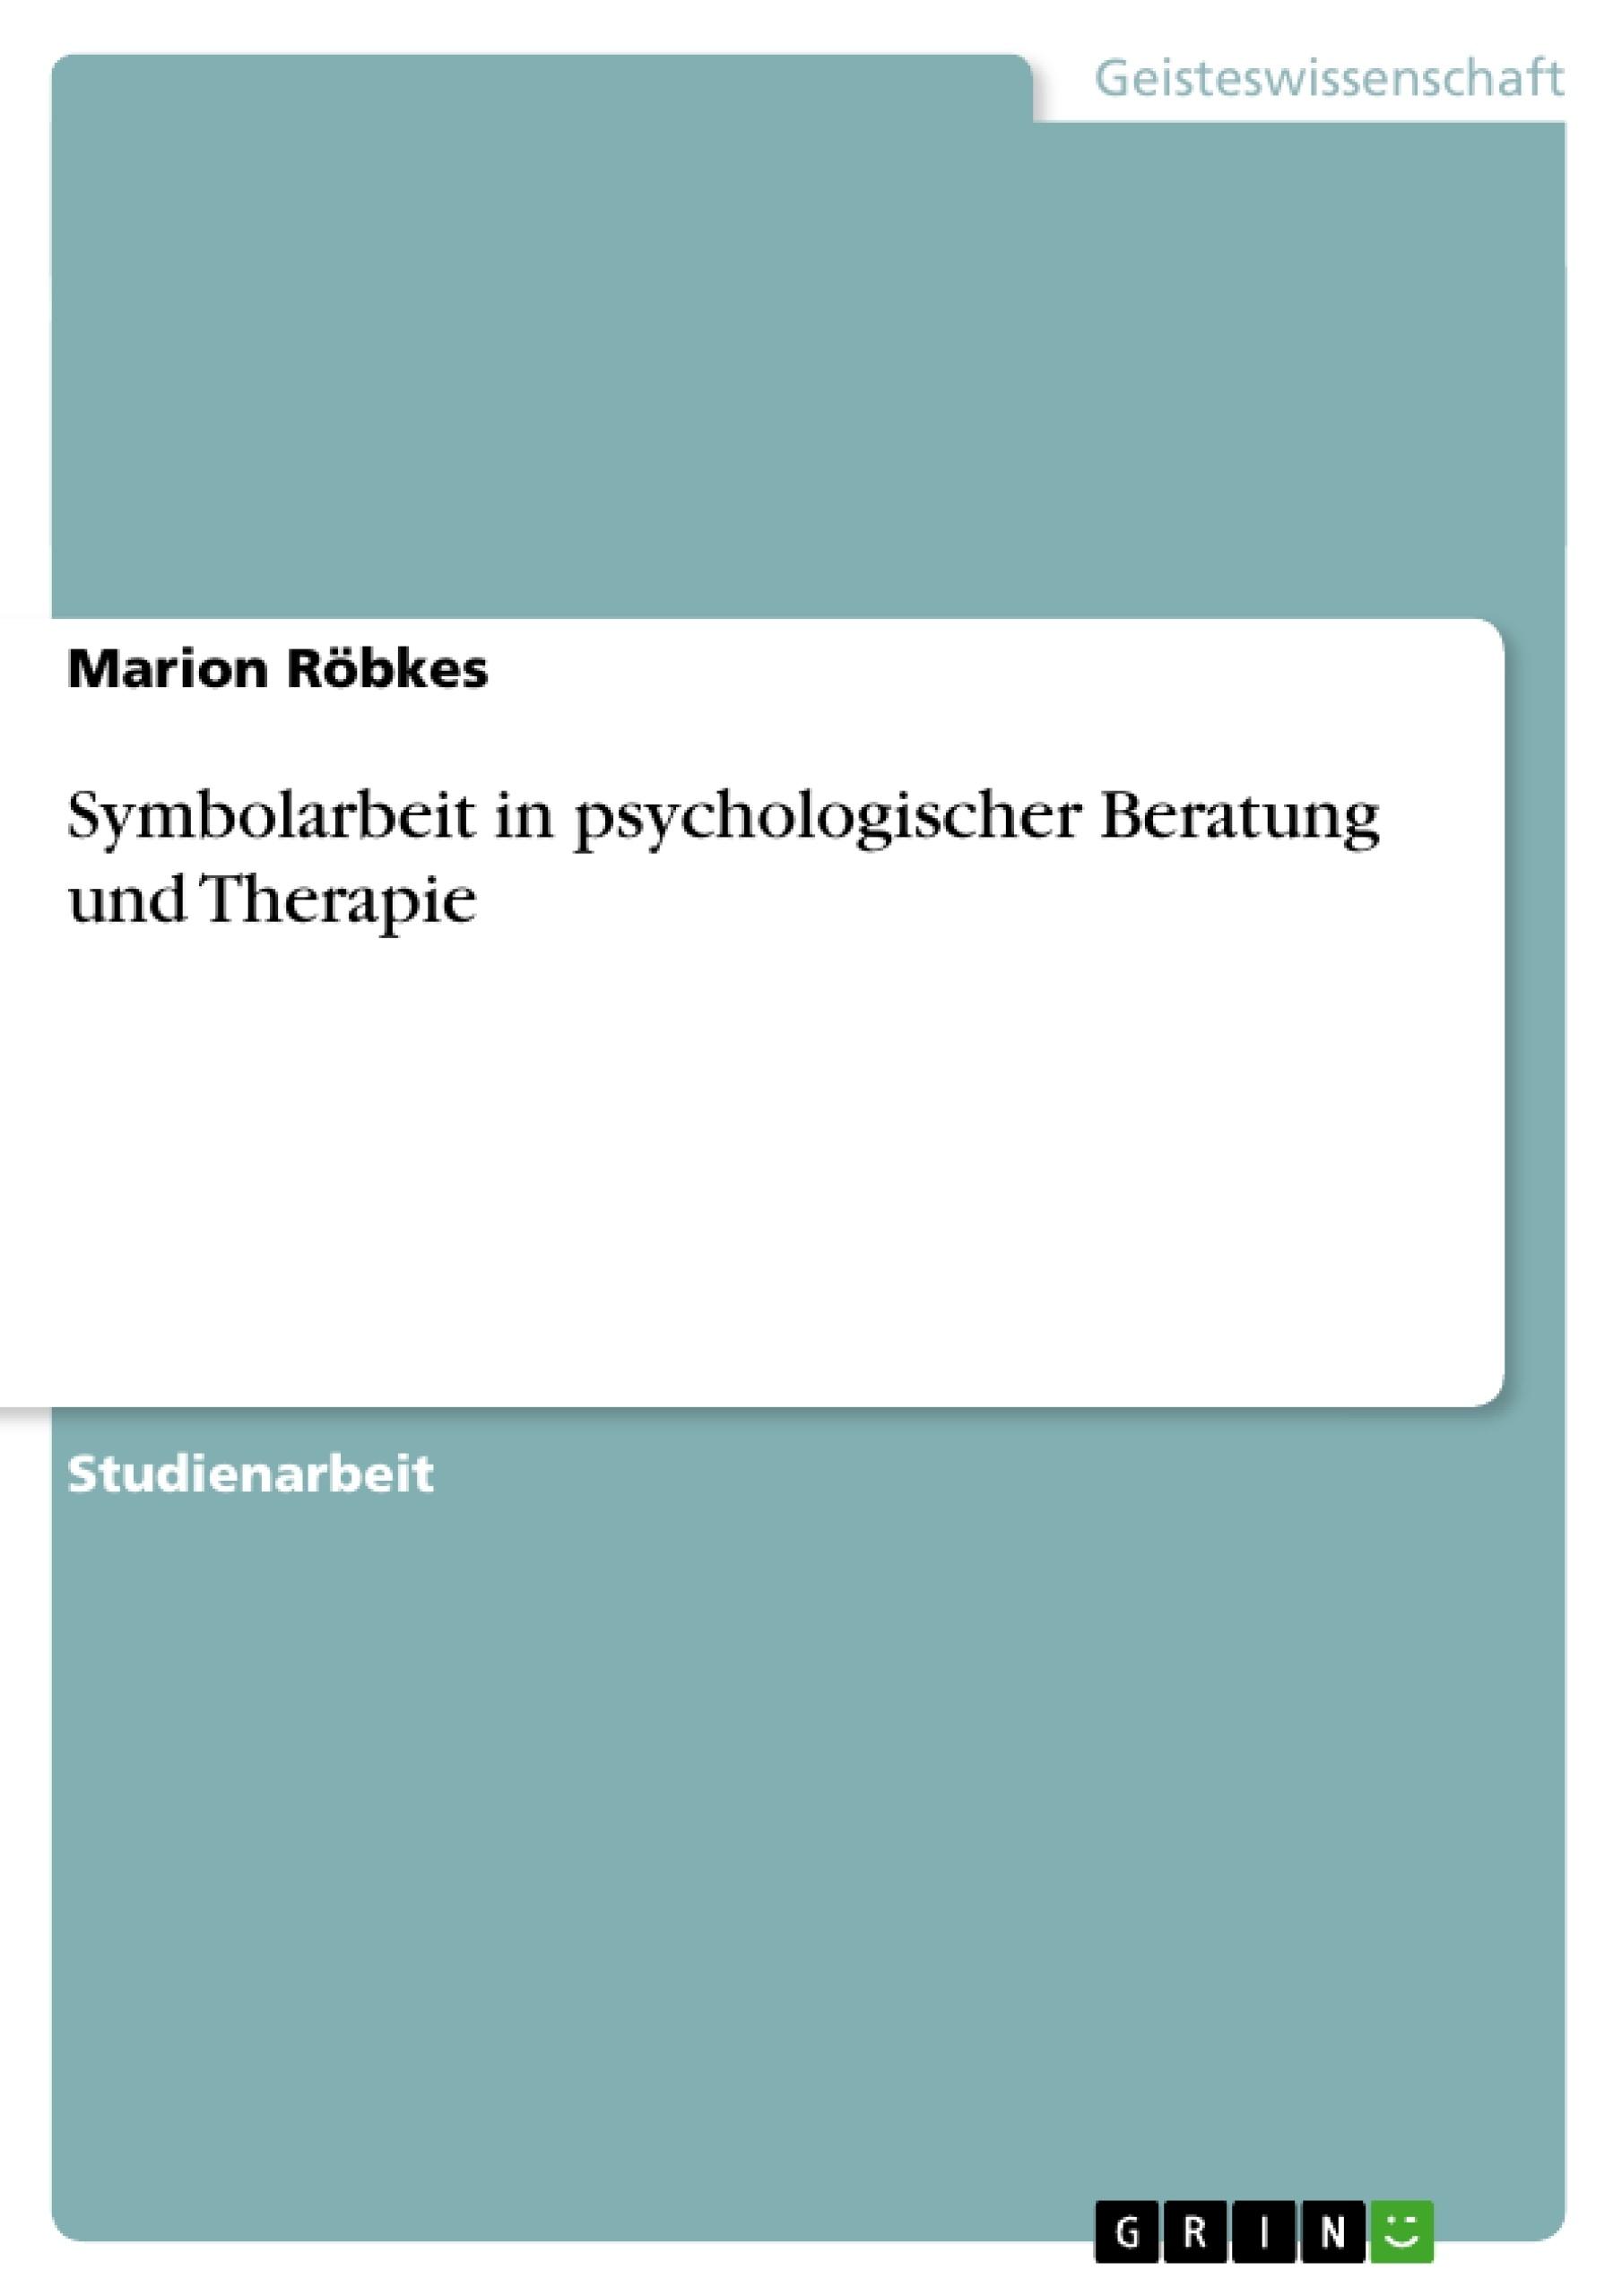 Titel: Symbolarbeit in psychologischer Beratung und Therapie